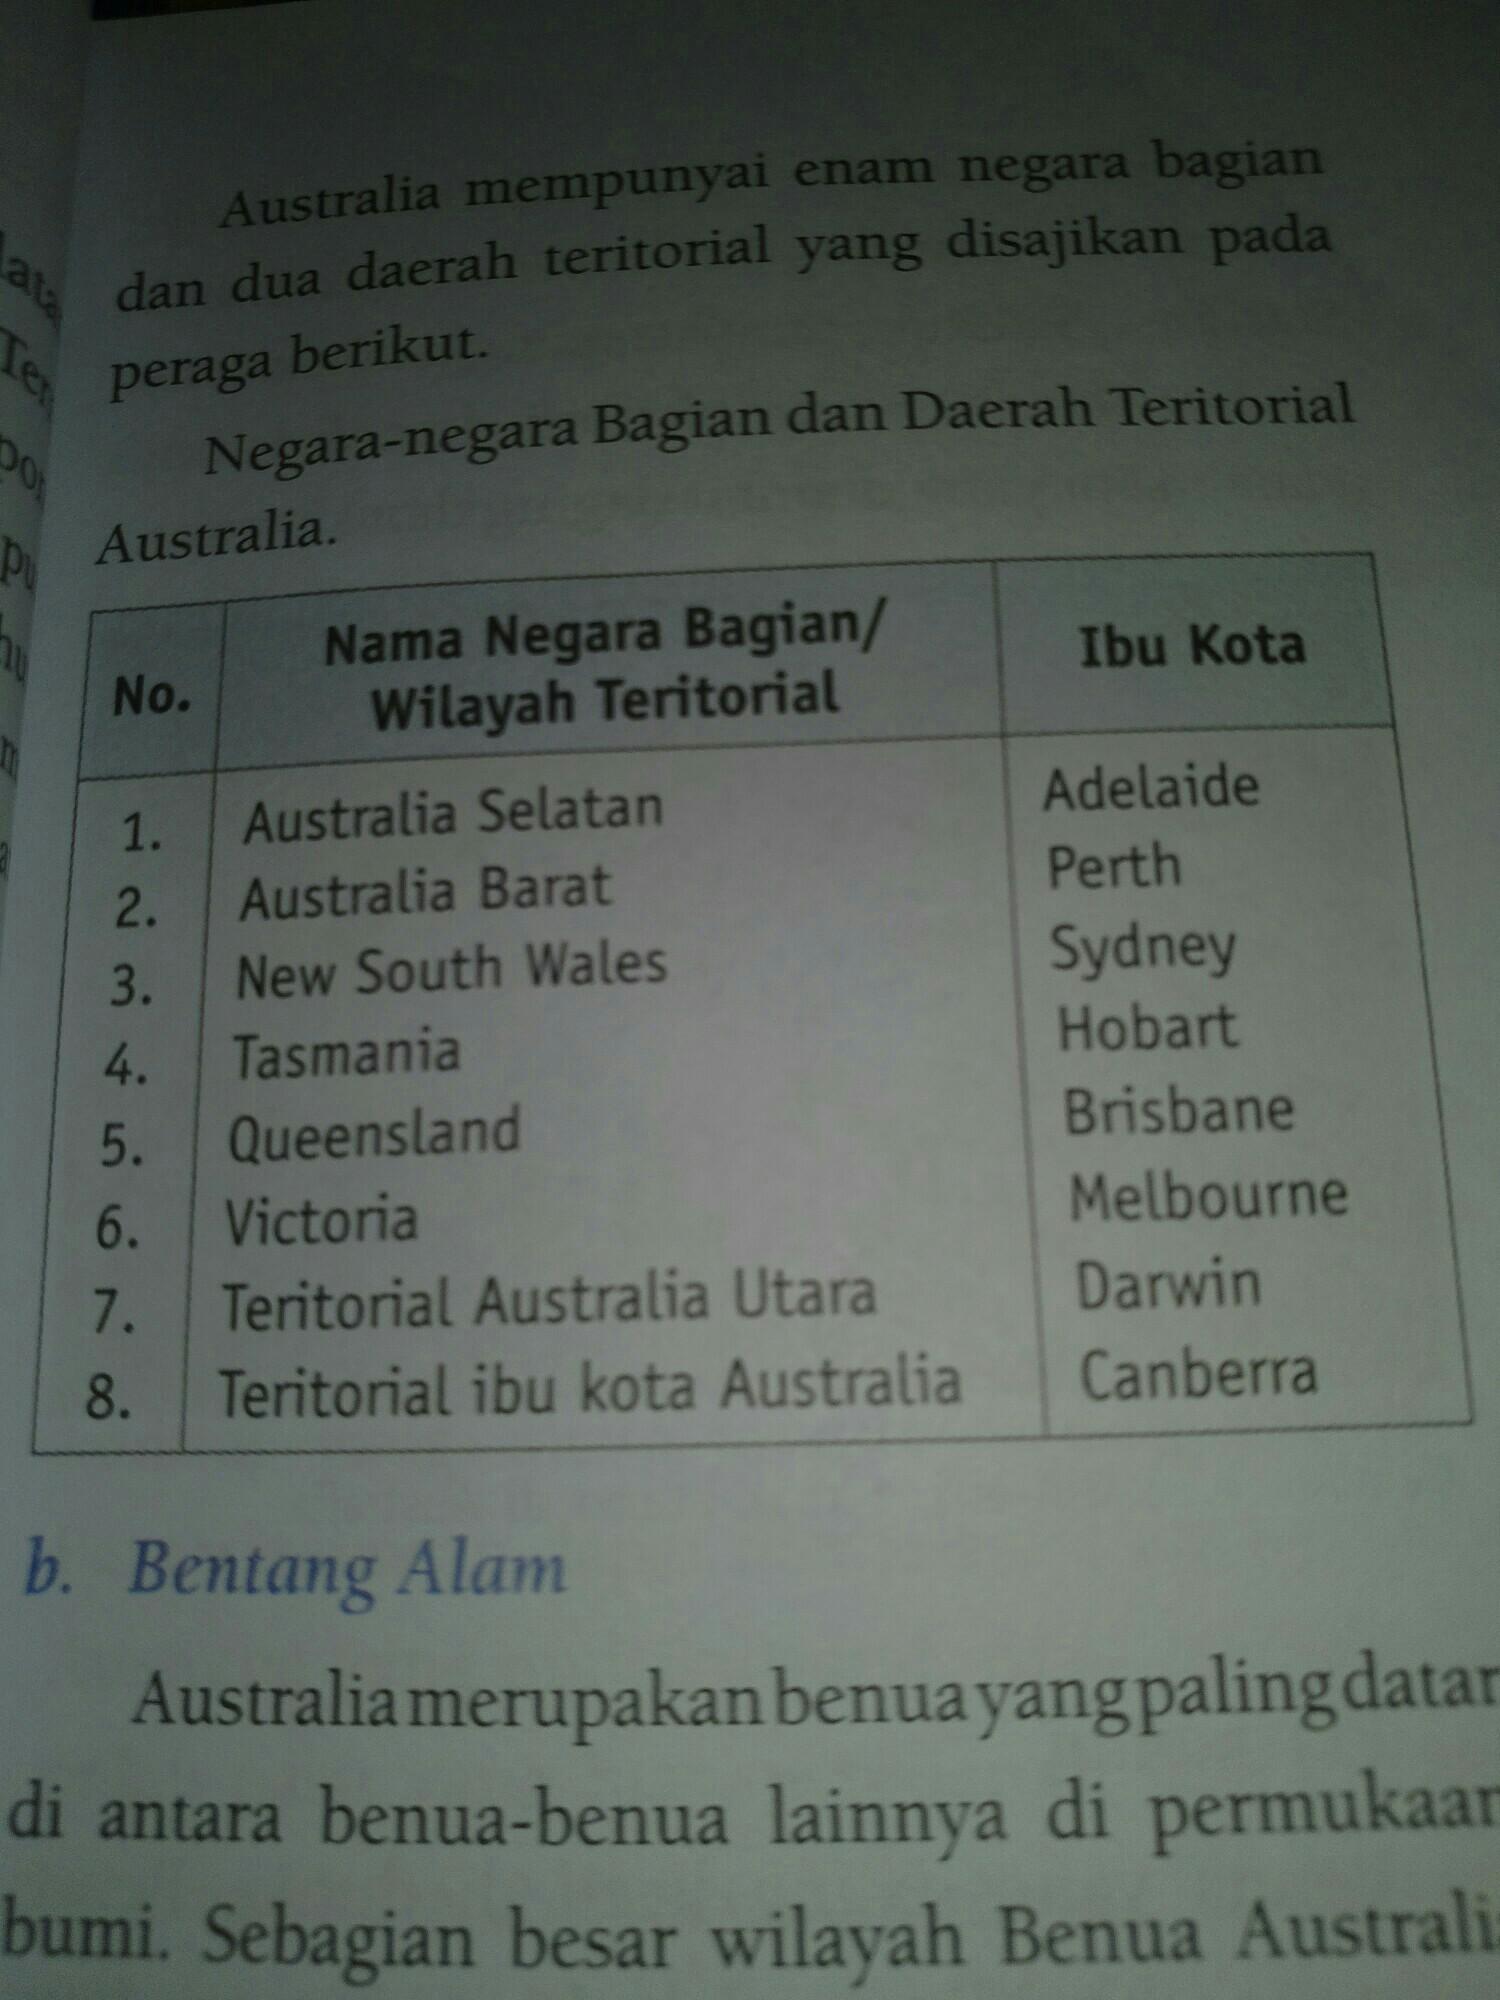 Negara Di Benua Australia Beserta Ibukotanya : negara, benua, australia, beserta, ibukotanya, Ibukota, Australia, Utara, Adalah